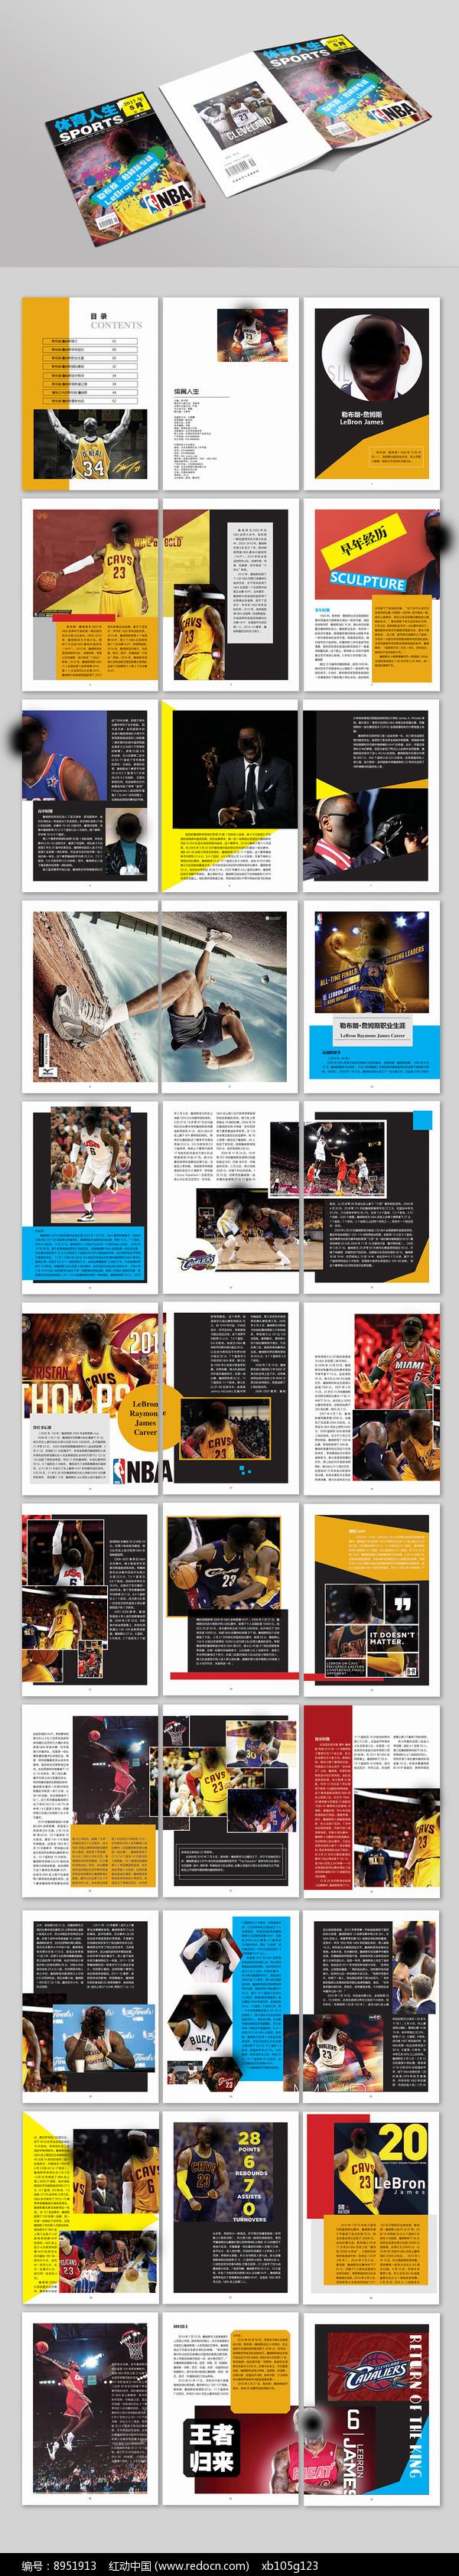 NBA体育人物杂志图片